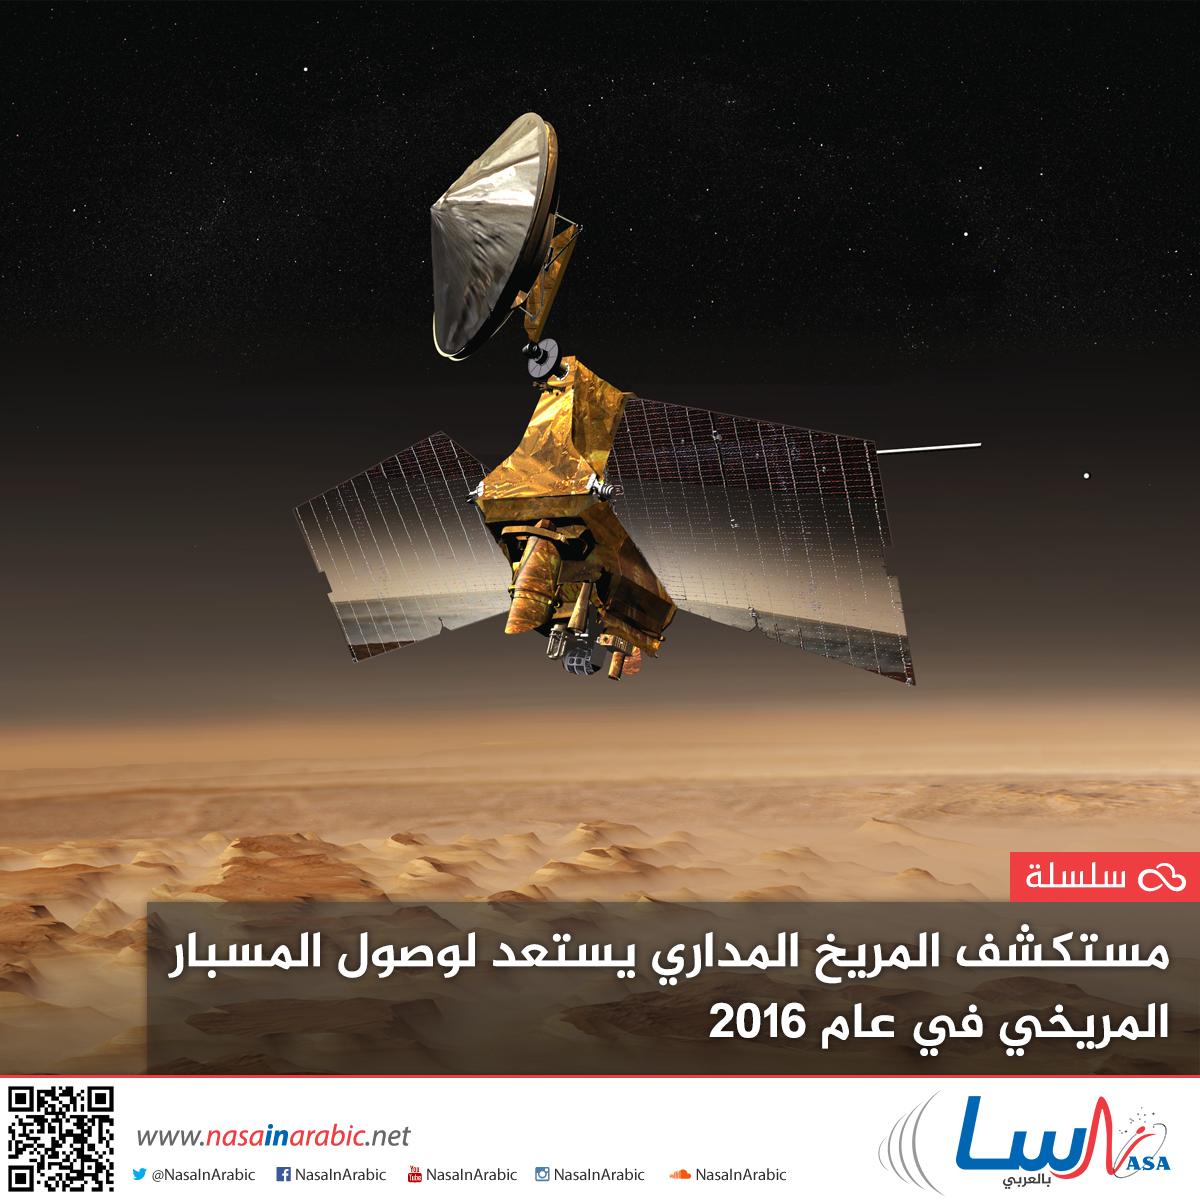 مستكشف المريخ المداري يستعد لوصول المسبار المريخي في عام 2016